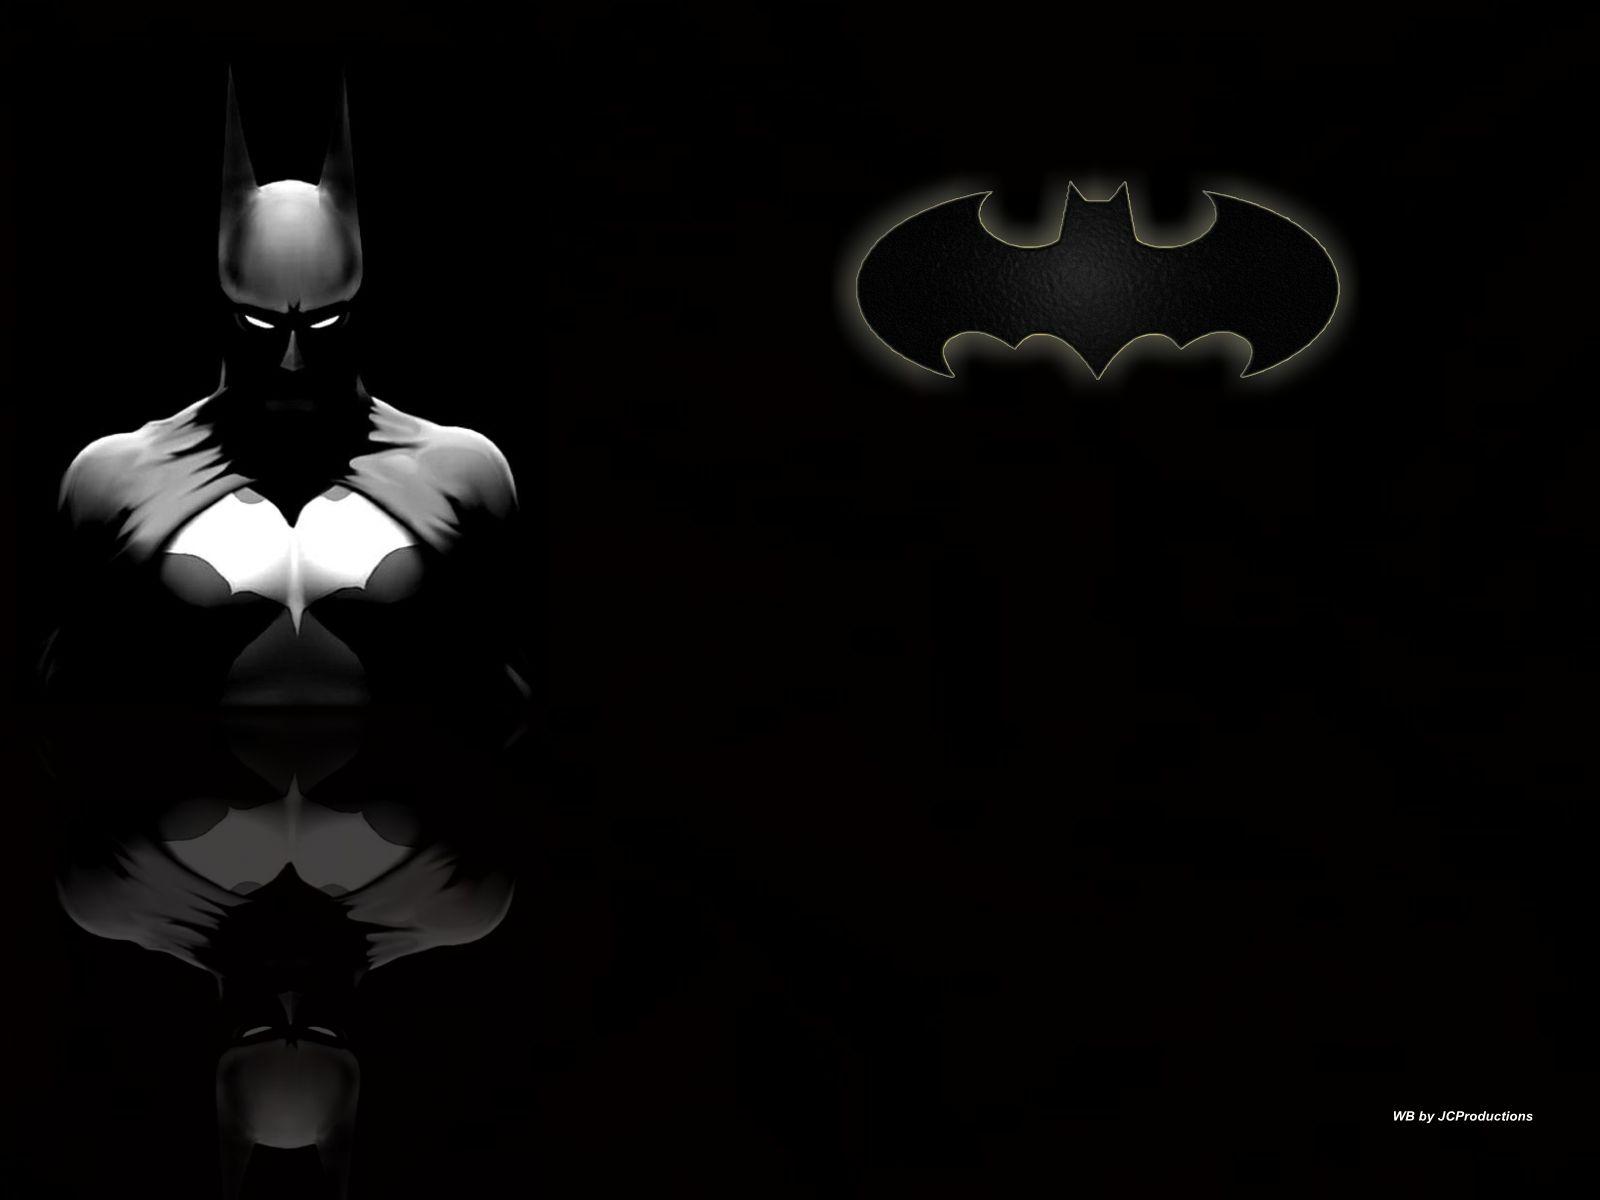 バットマンとロゴのかっこいい壁紙